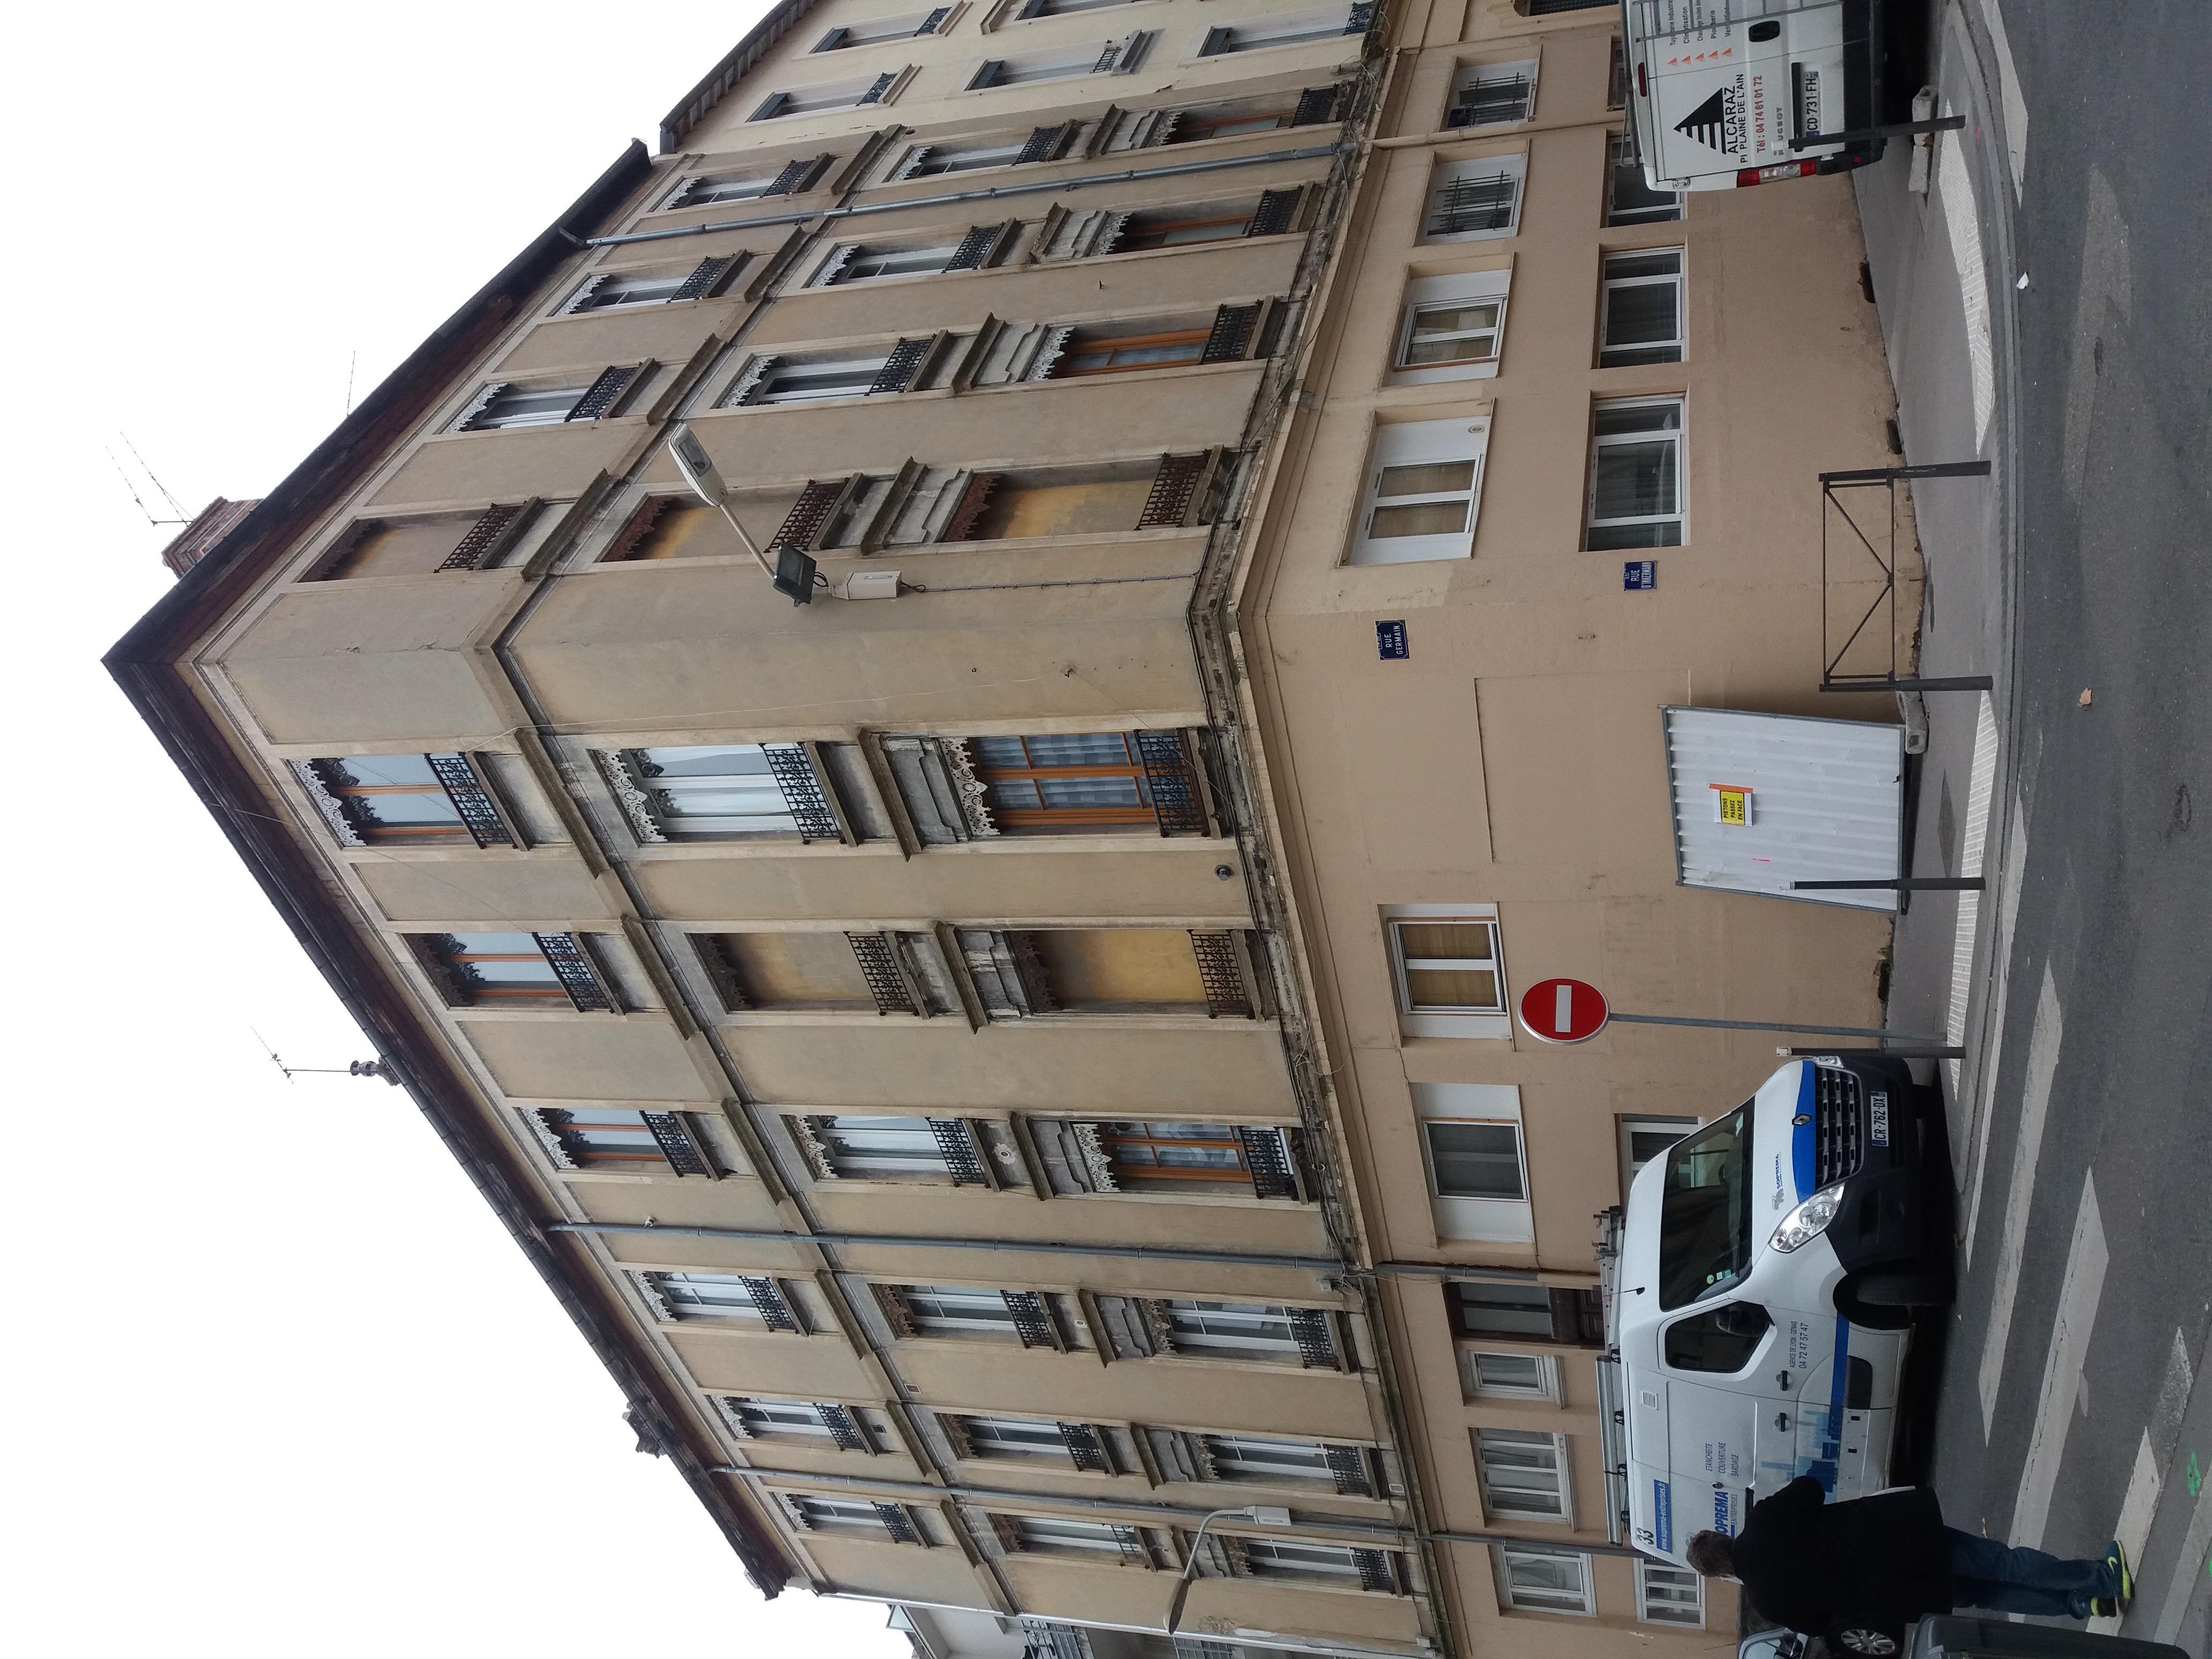 Entreprise D Architecture Lyon file:lyon 6e - rue germain, immeuble à l'angle de la rue d